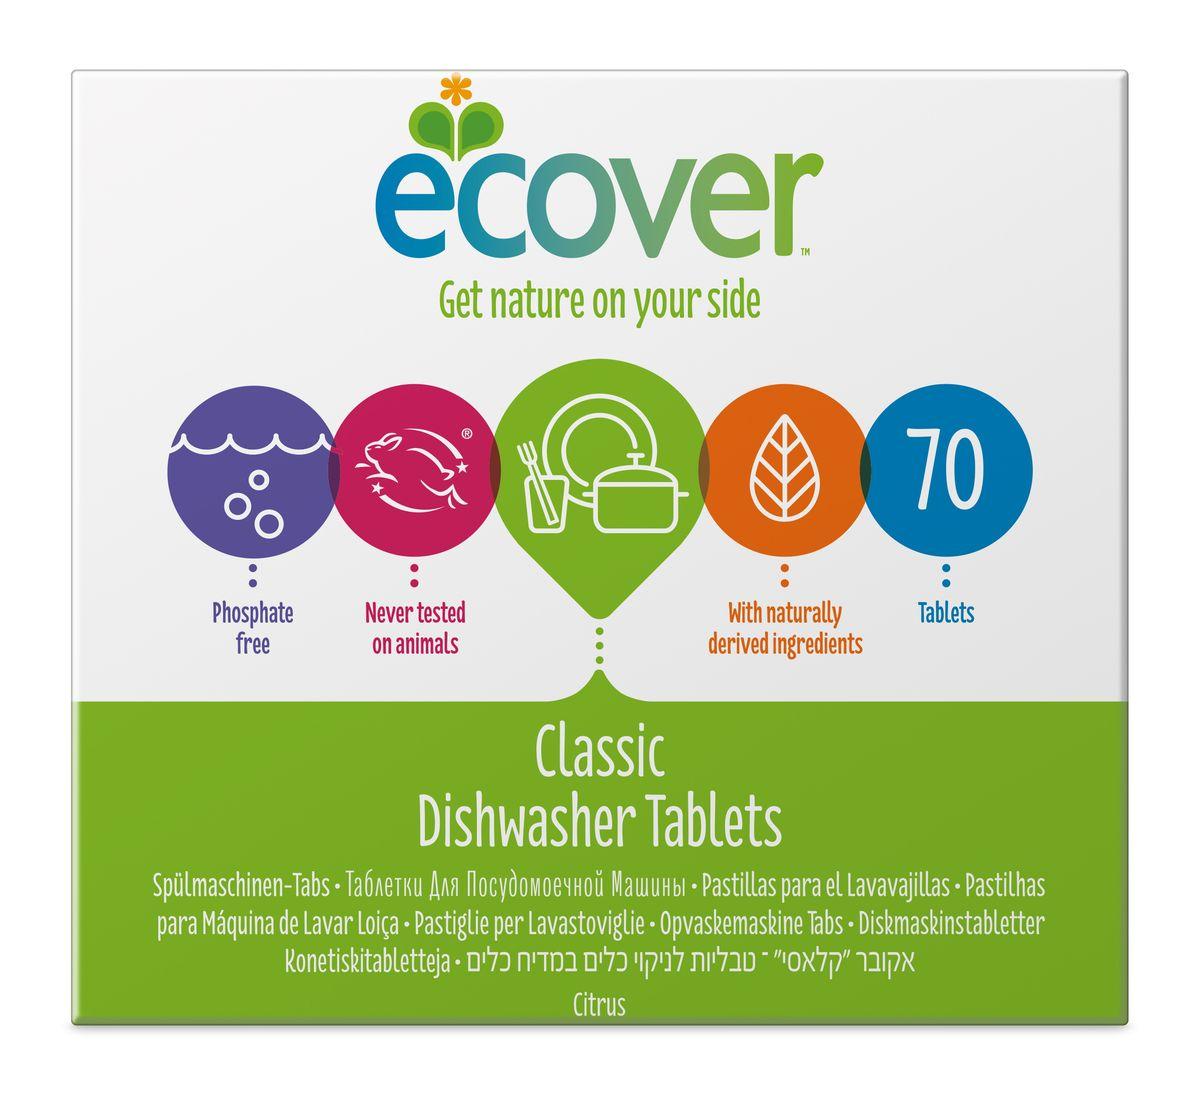 Экологические таблетки для посудомоечной машины Ecover, 70 шт00593Эффективное и экологически чистое средство Ecover для автоматического мытья посуды. Прекрасно удаляет загрязнения и жиры, оставляя посуду чистой и придавая ей блеск, не оставляя после себя никаких следов. Предотвращает образование известковых отложений на посуде и нагревательных элементах посудомоечной машины за счет использования быстроразлагаемых полипептидов. Каждая таблетка имеет индивидуальную упаковку. Не содержит синтетических ароматизаторов и хлора! Содержит энзимы (не ГМО). Обладает легким натуральным ароматом лимона. Подходит для использования в домах с автономной канализацией. Не наносит вреда любым видам септиков! Характеристики:Состав: 15-30% кислородный отбеливатель, цеолиты; Количество таблеток в упаковке: 70 шт. Вес: 1,4 кг. Товар сертифицирован.